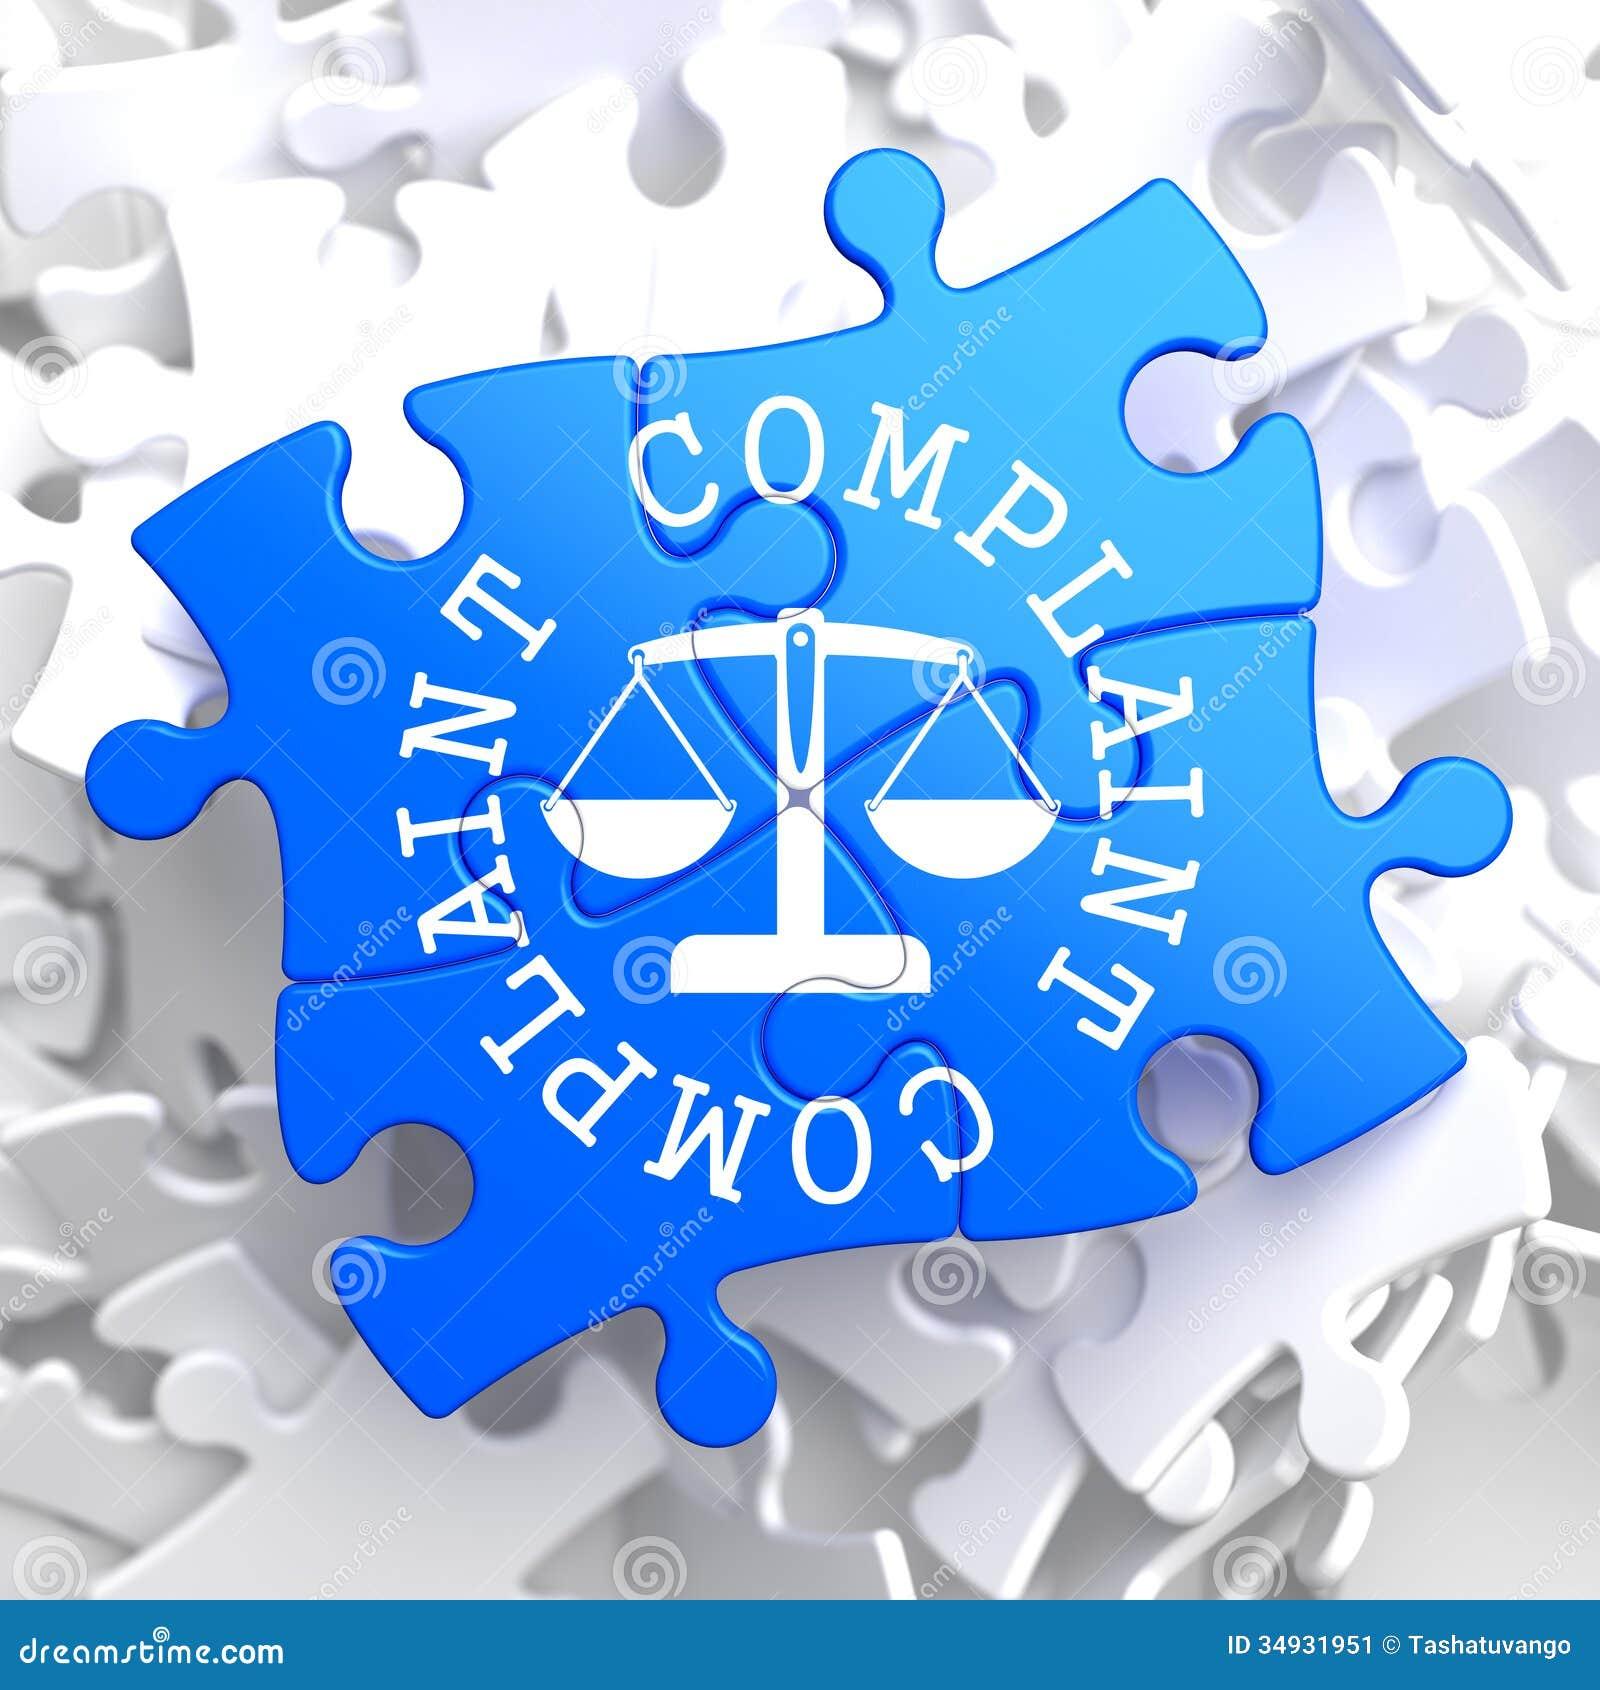 Concepto de la denuncia en rompecabezas azul.